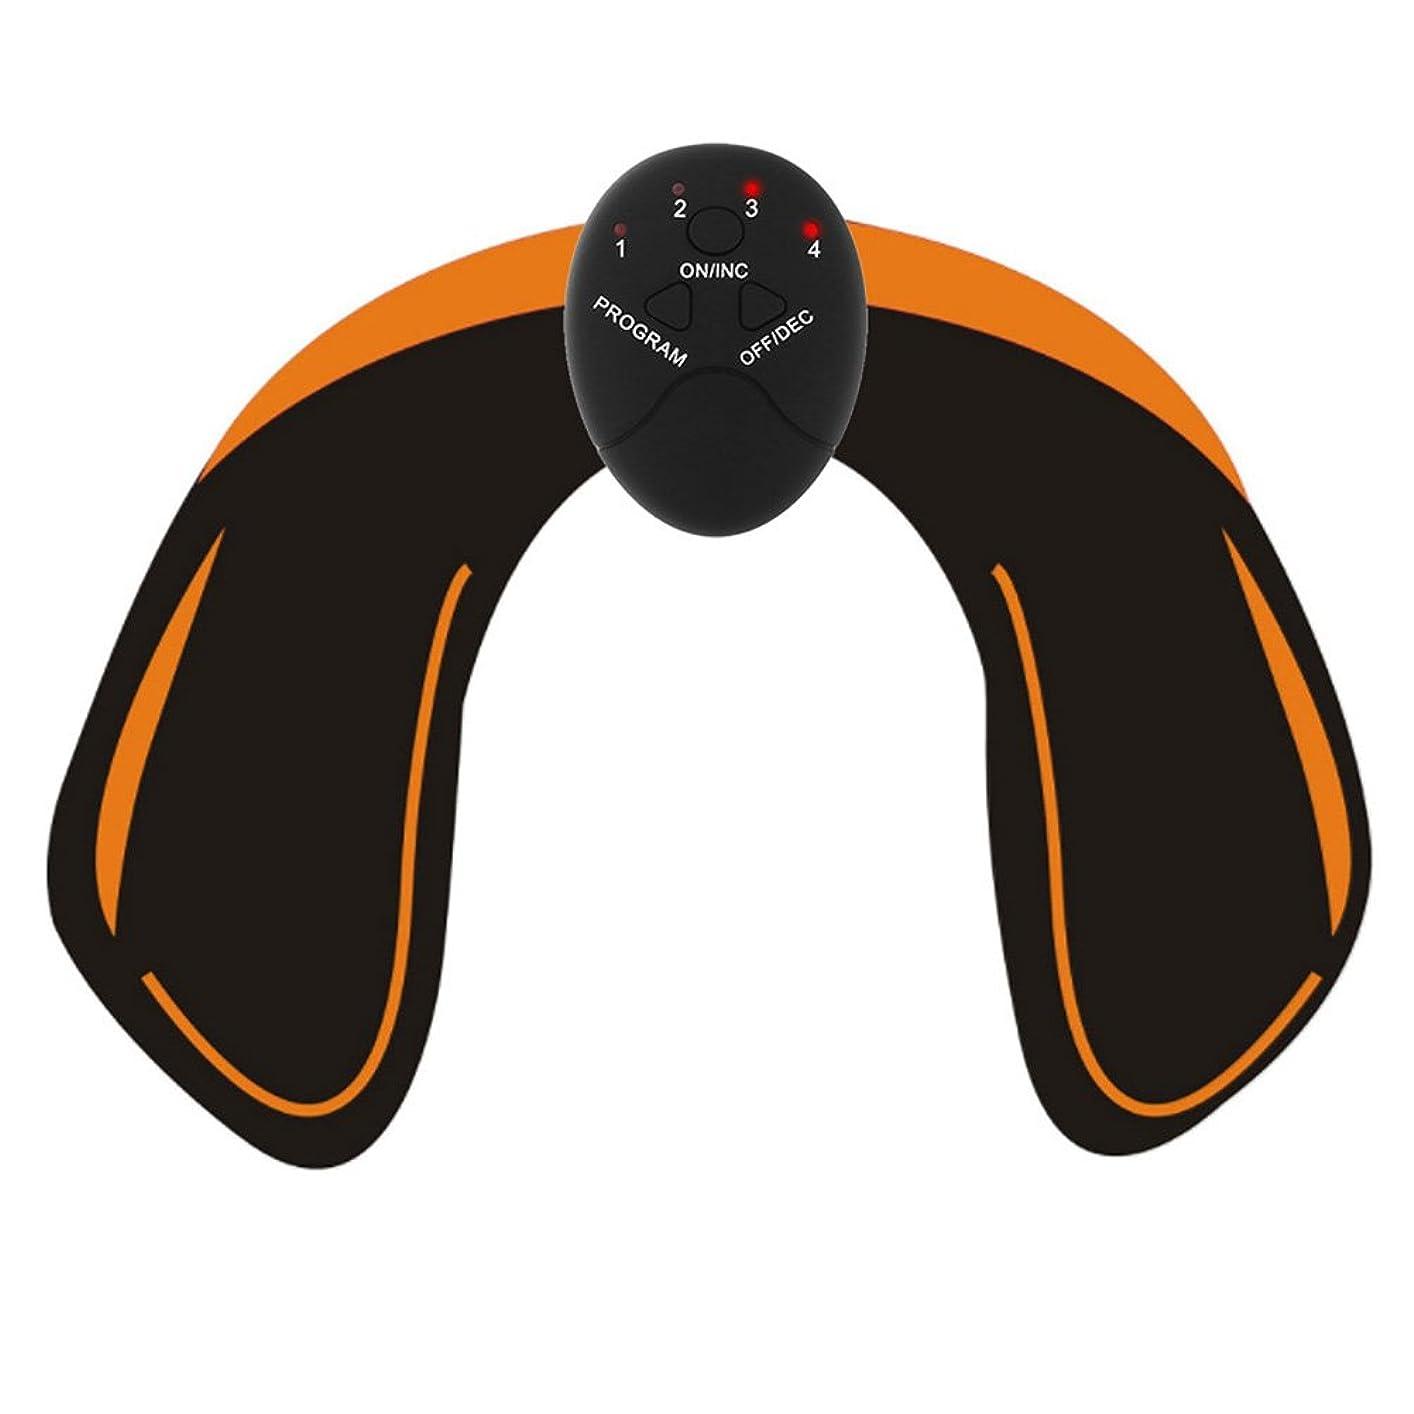 れんがディーラー場所Healifty EMS トレーニングパッド ヒップアップ お尻専用 多機能 筋トレ器具 ダイエット 筋肉振動 引き締める 強さ階段調節 男女兼用